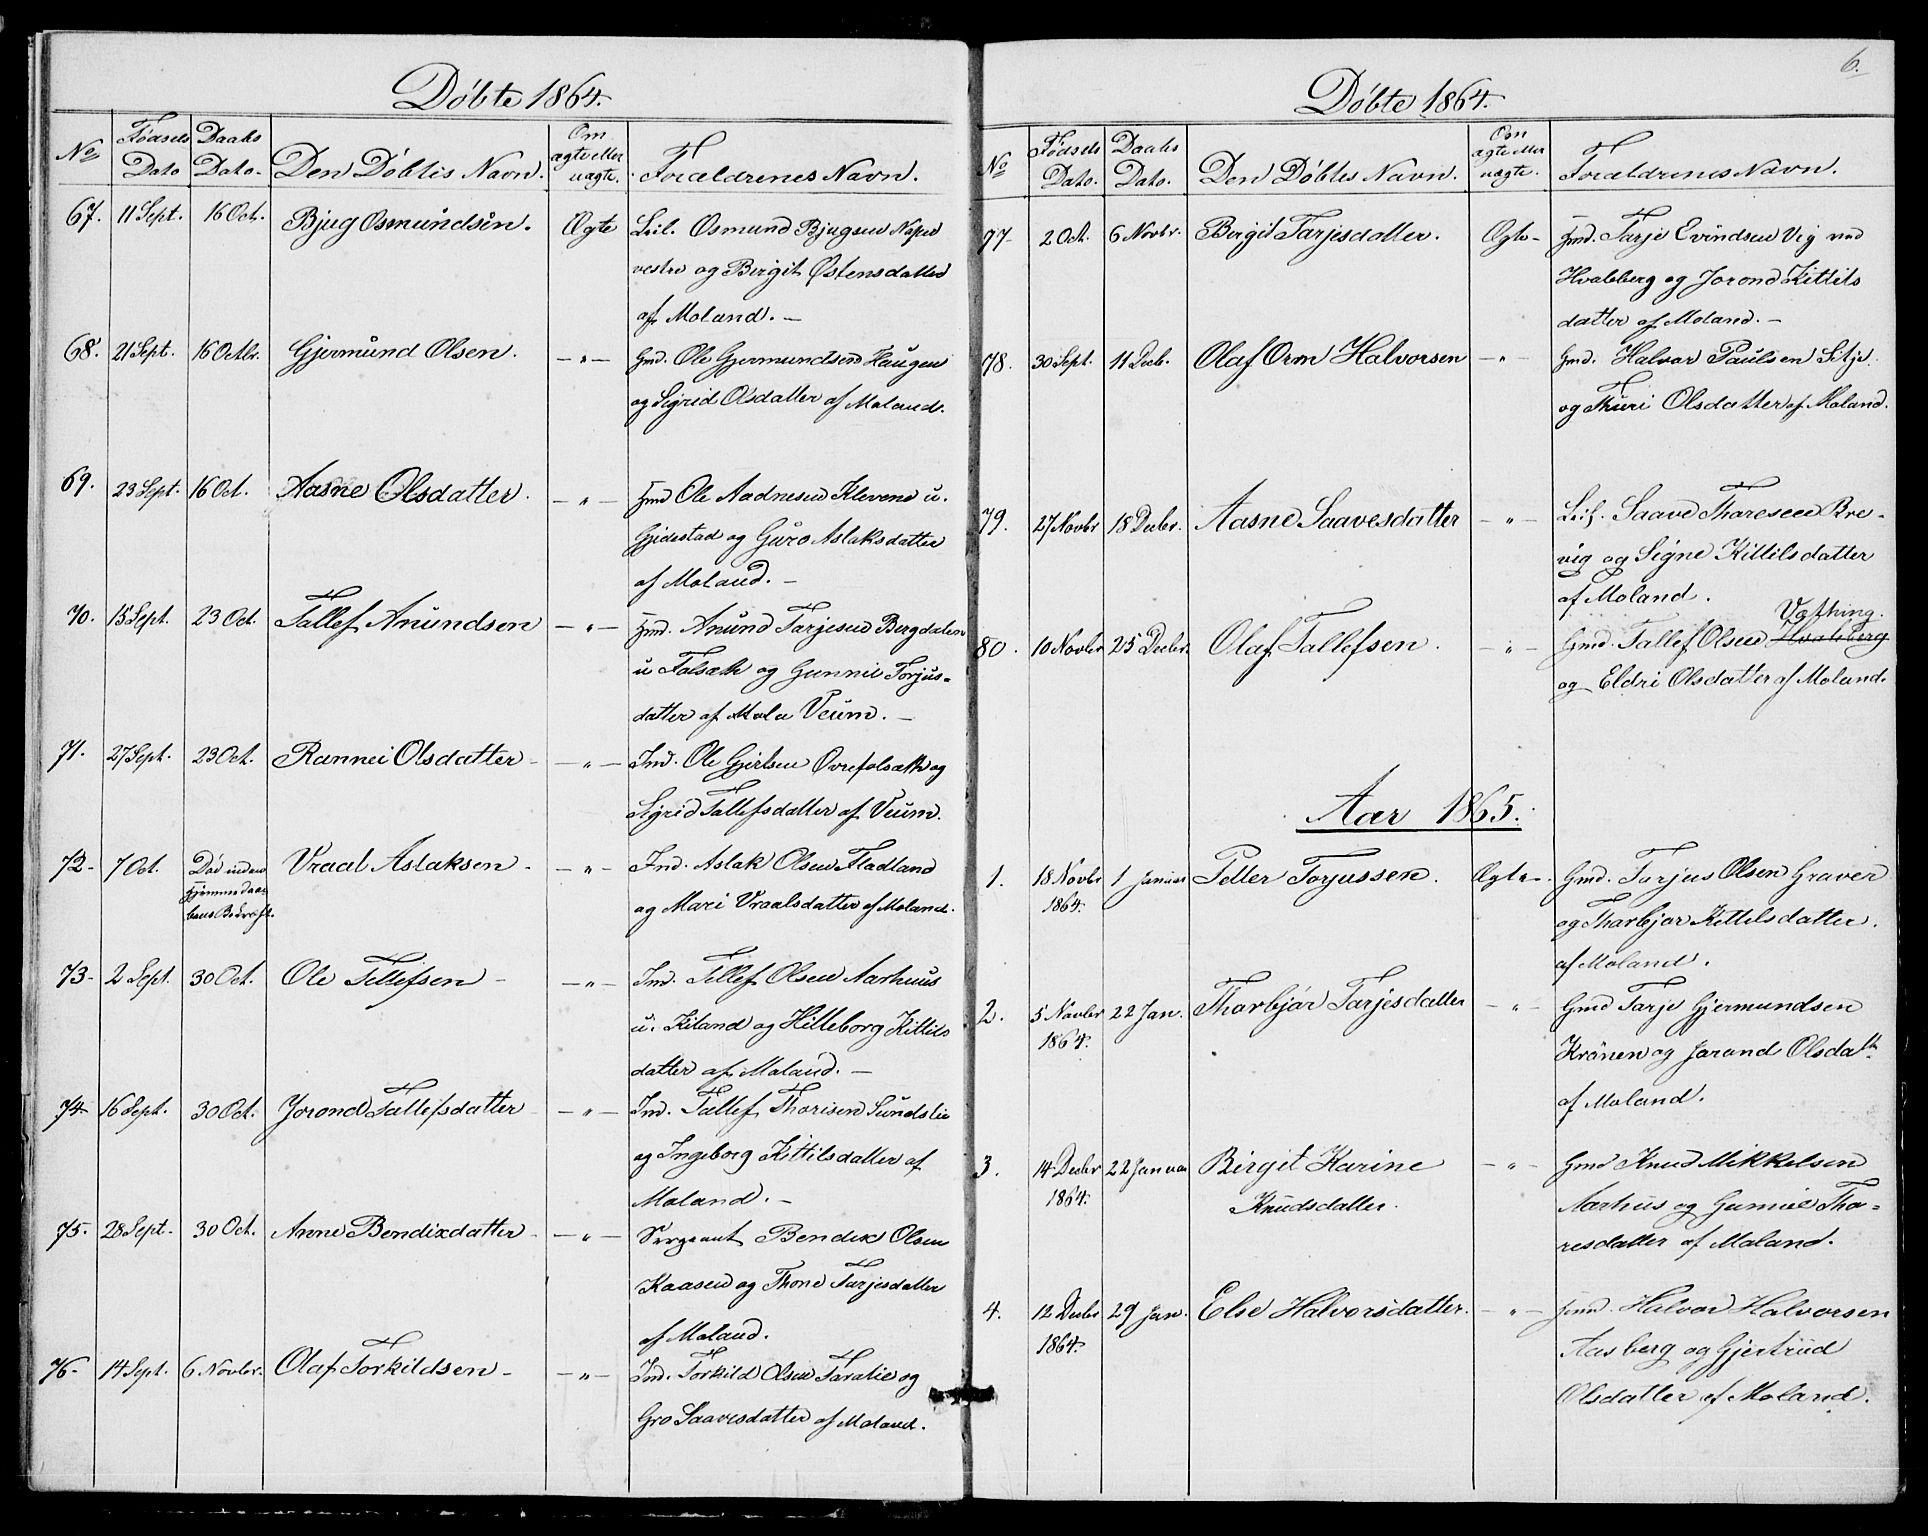 SAKO, Fyresdal kirkebøker, G/Ga/L0004: Klokkerbok nr. I 4, 1864-1892, s. 6